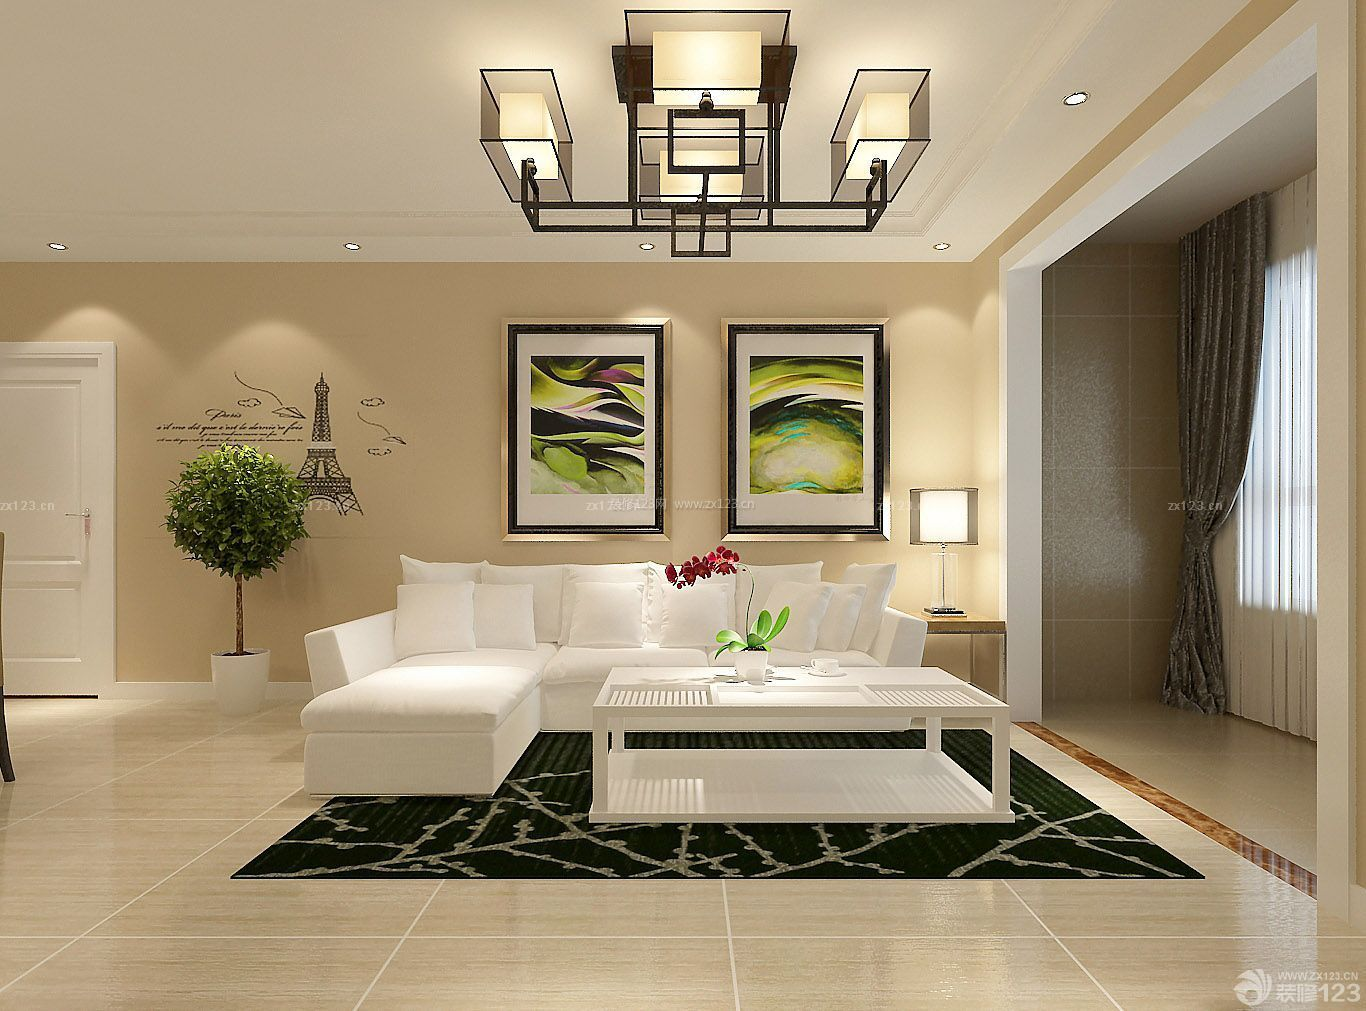 客厅新中式吊灯装修效果图三室两厅简装